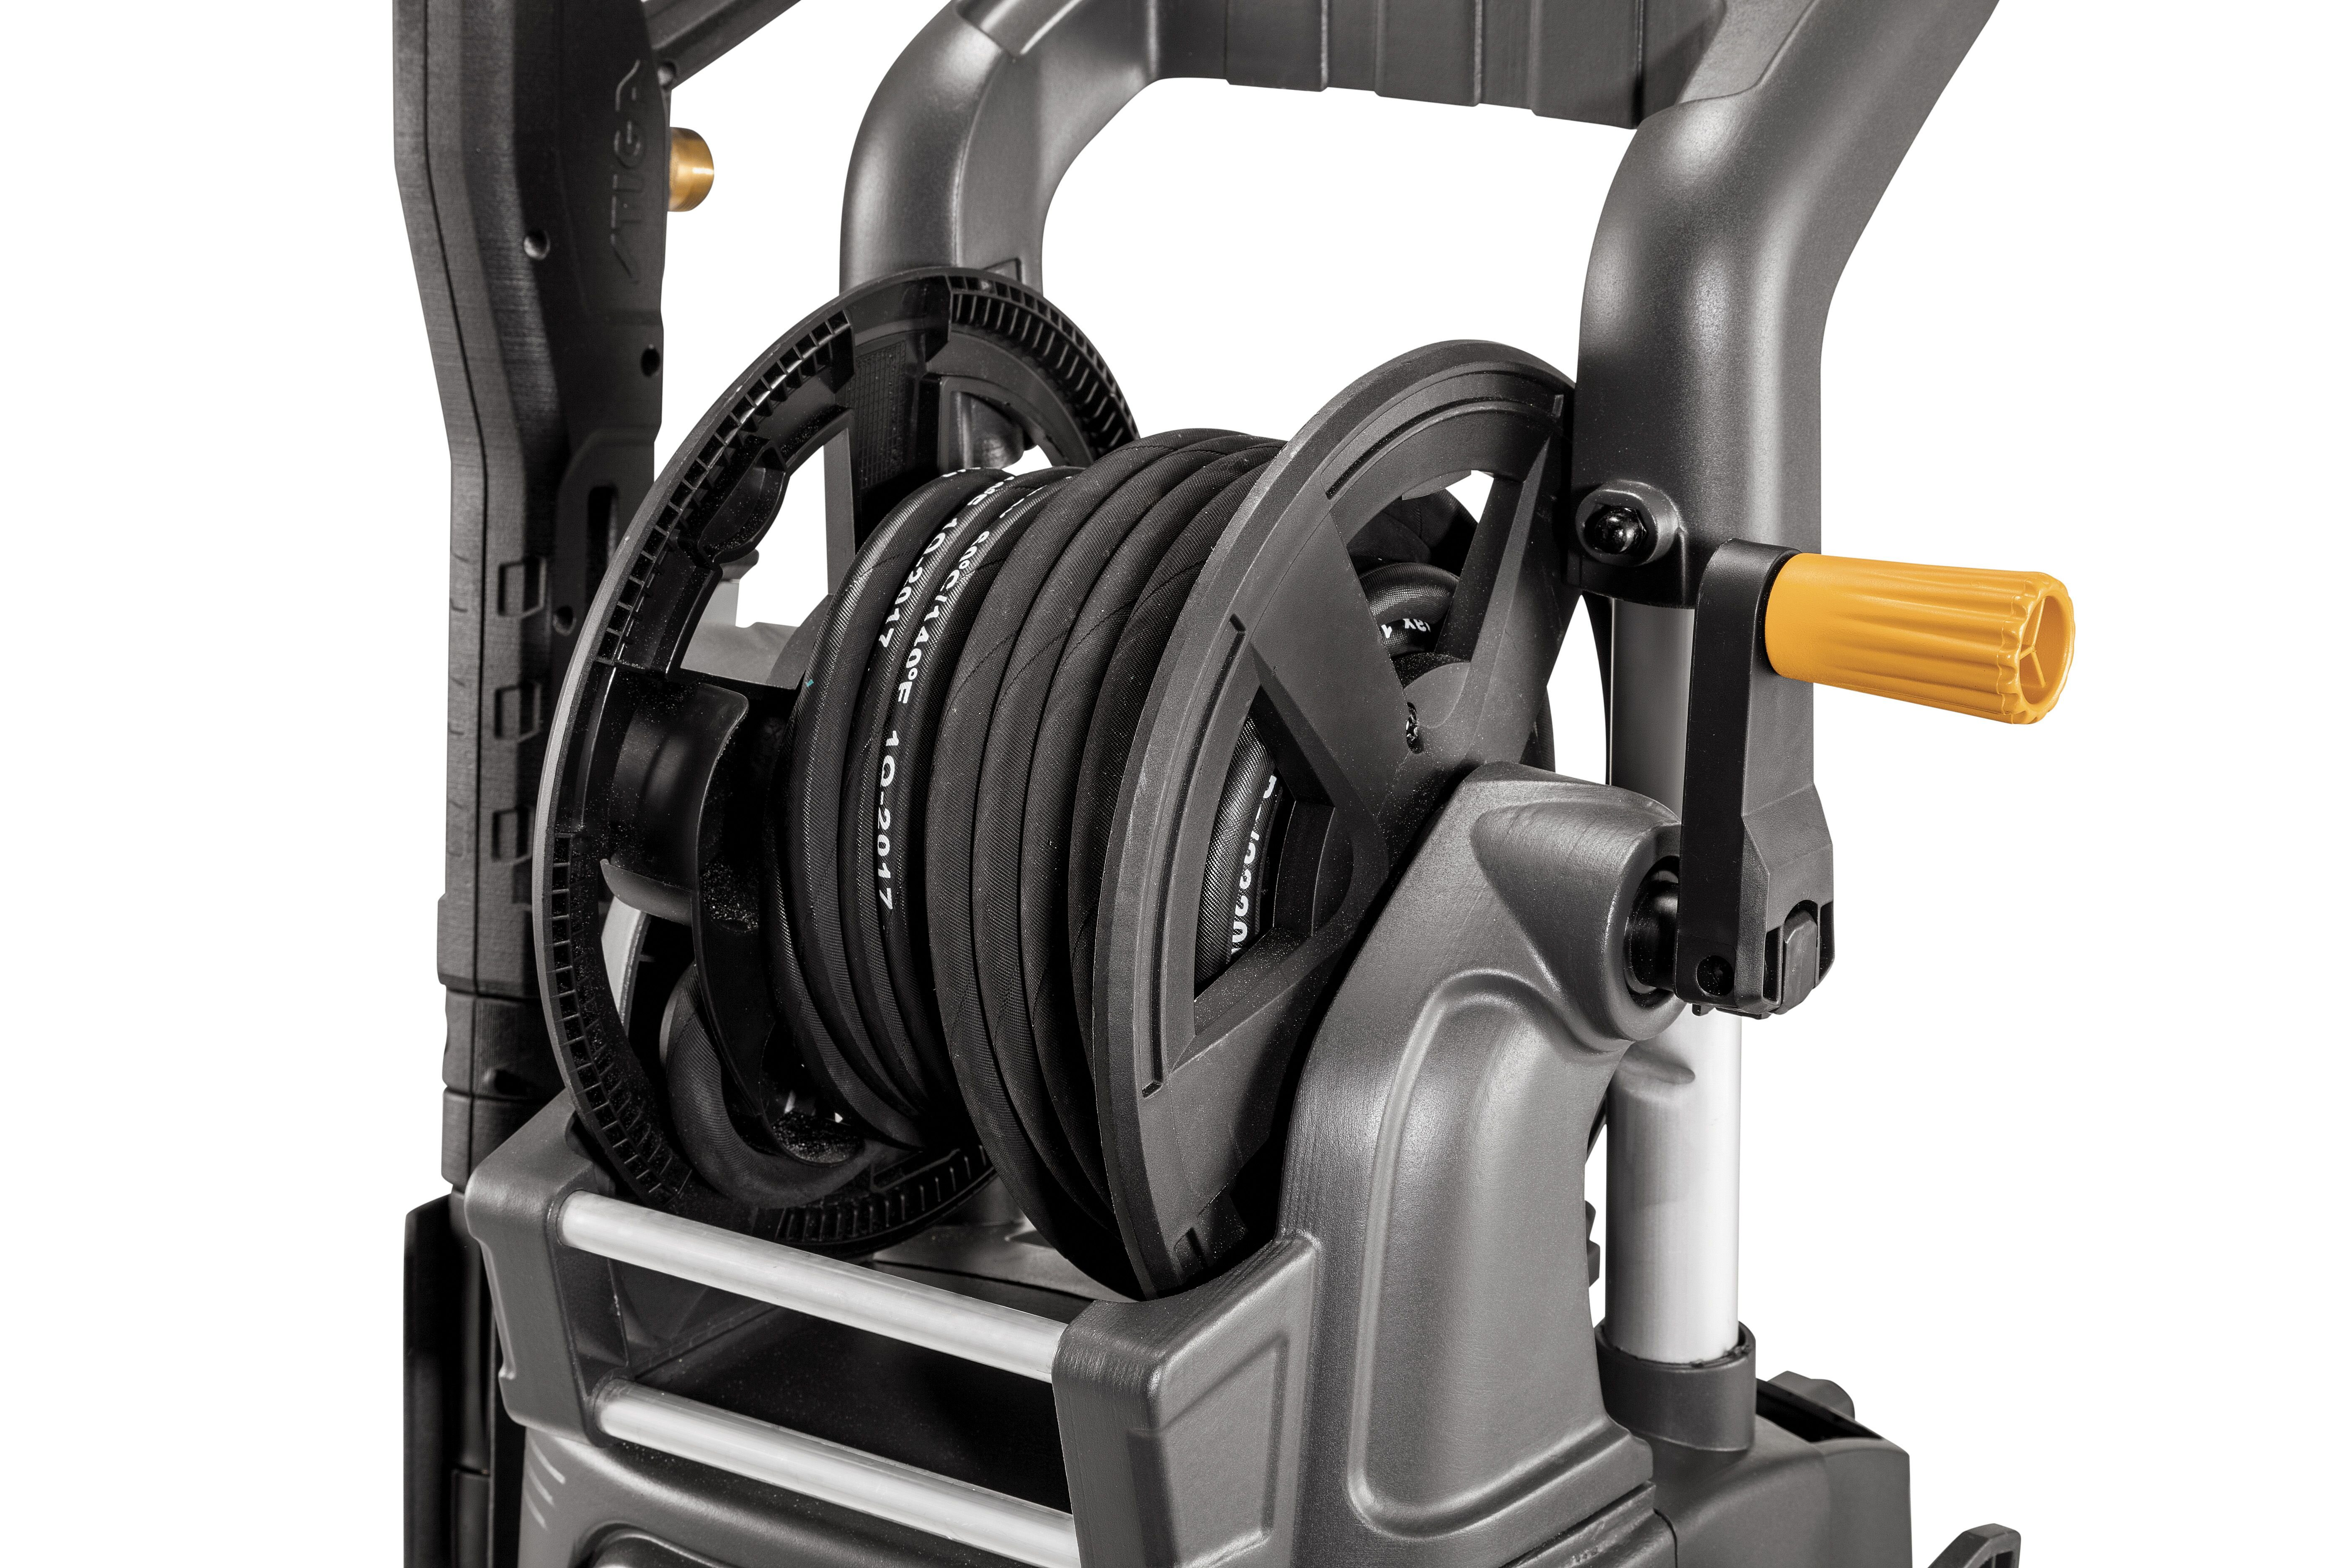 HPS 550 Pressure Washer